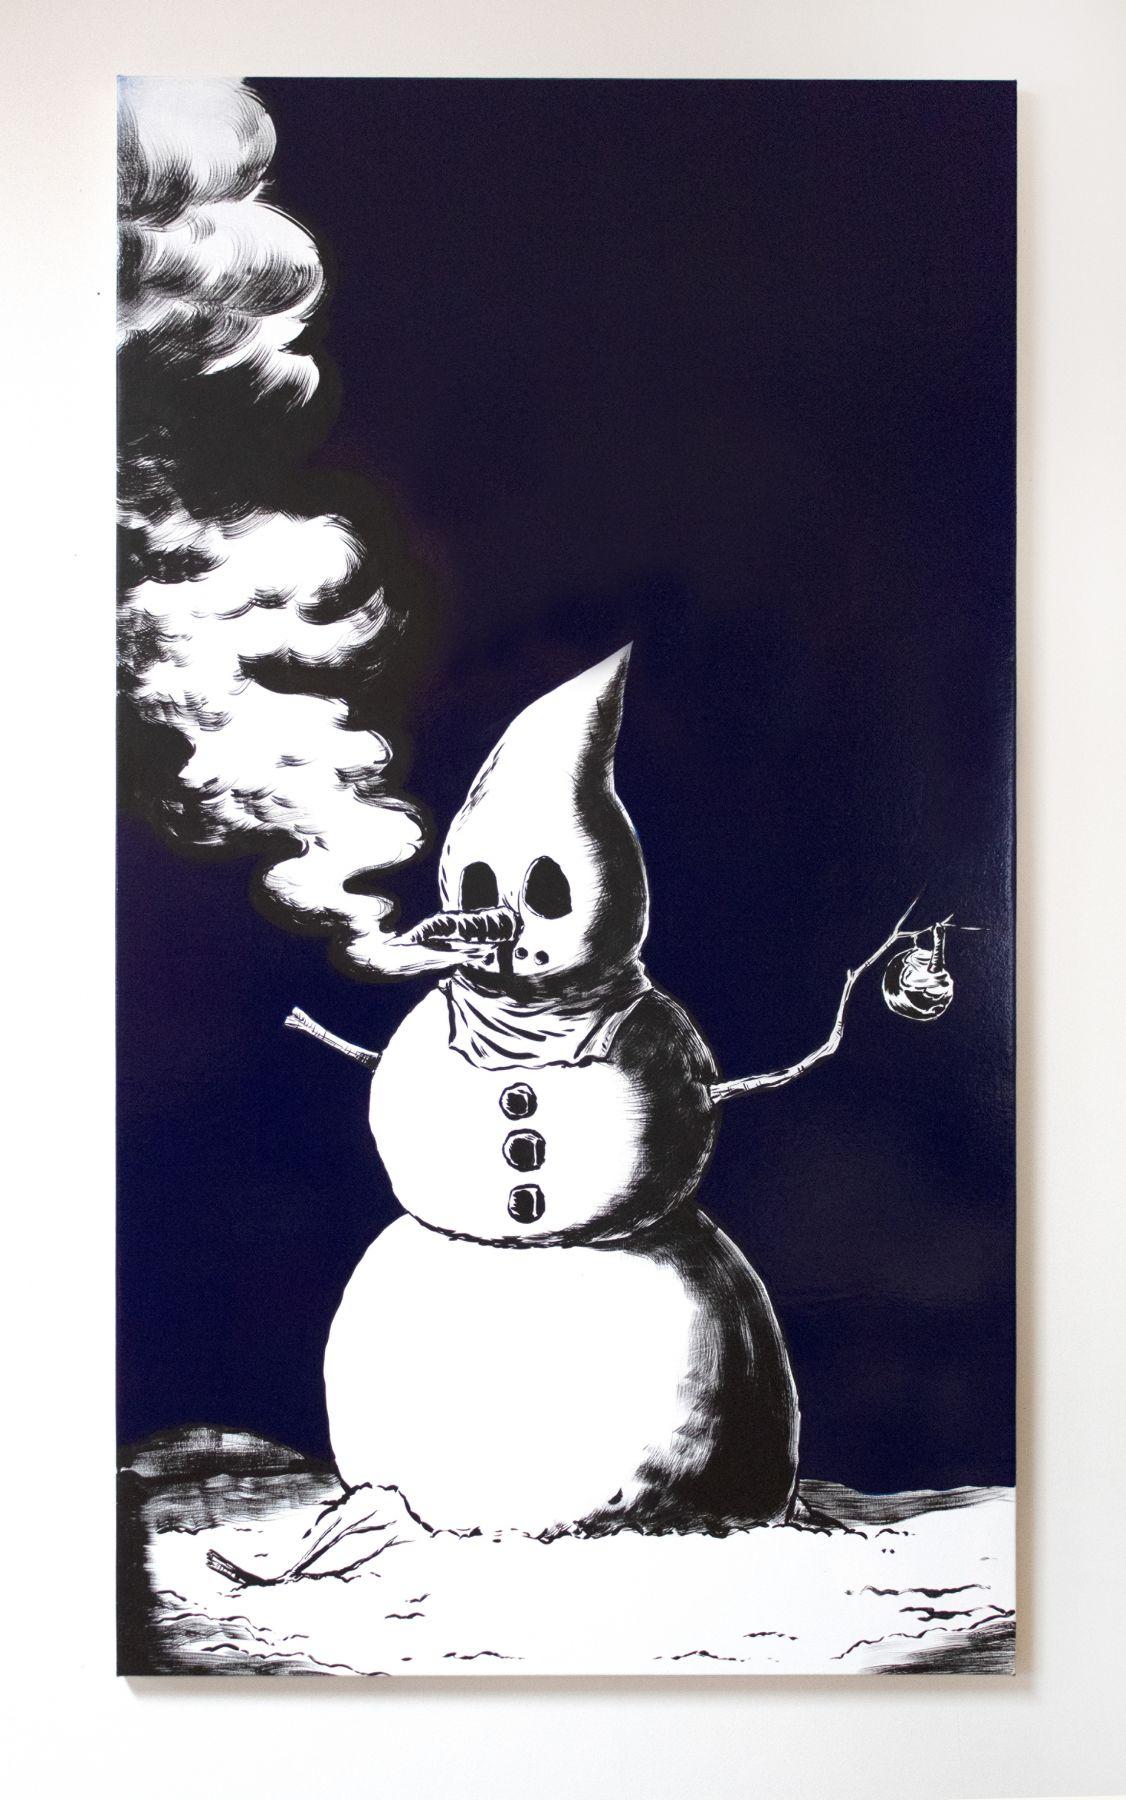 MARK THOMAS GIBSON, The Snowman, 2019